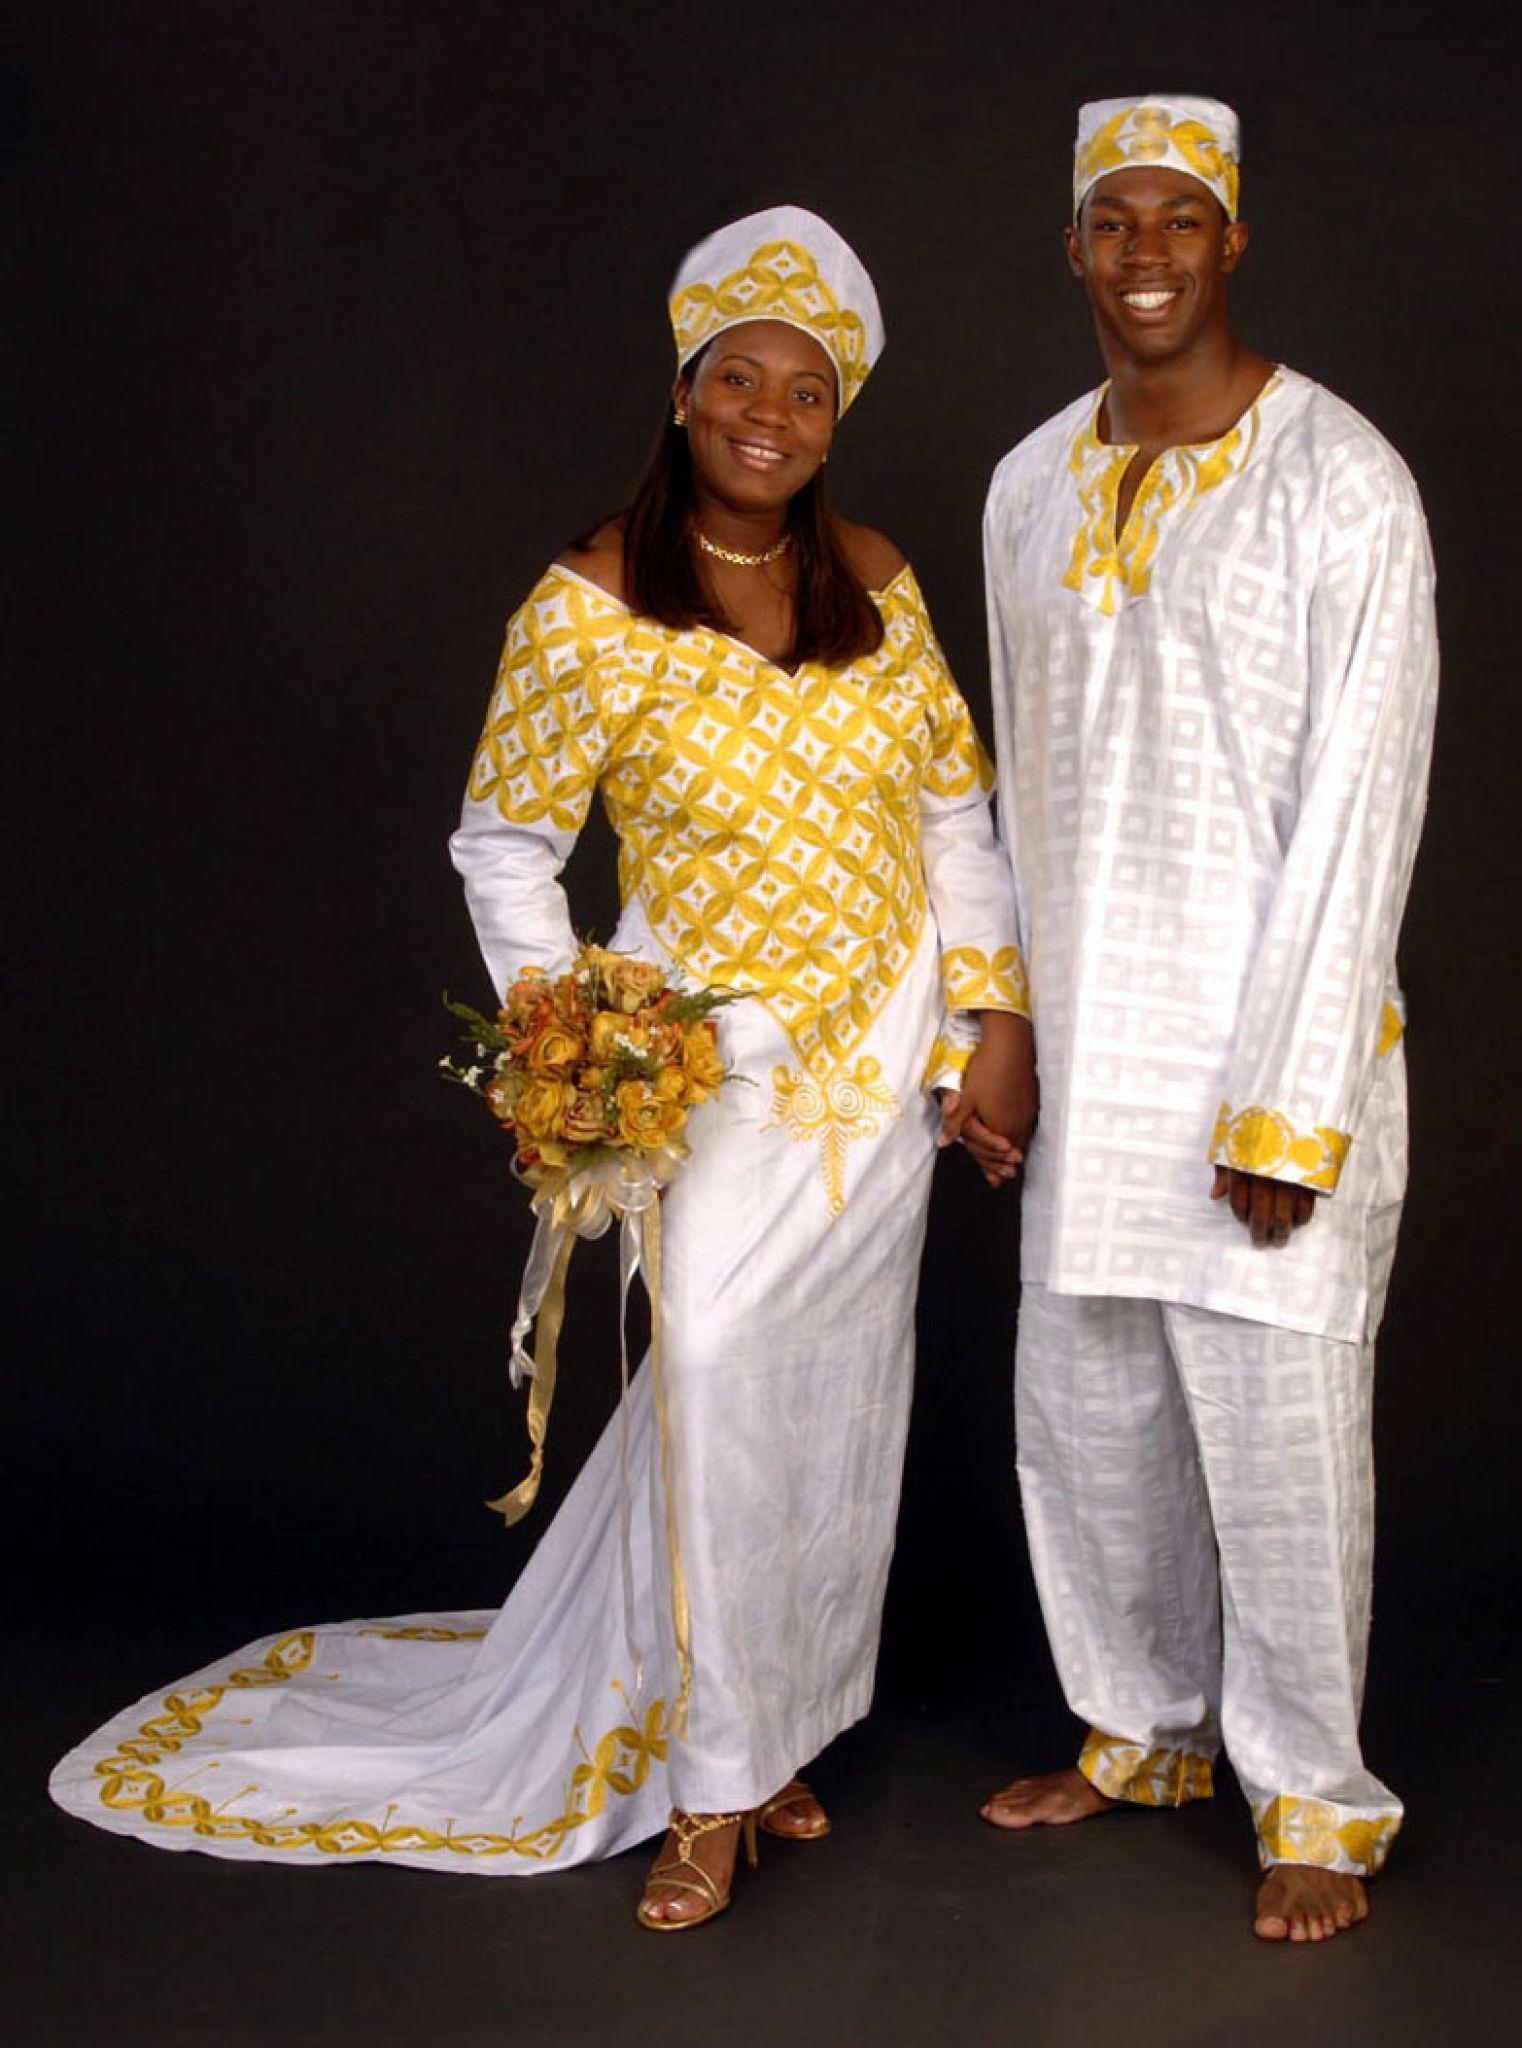 west african wedding dresses - informal wedding dresses for older ...